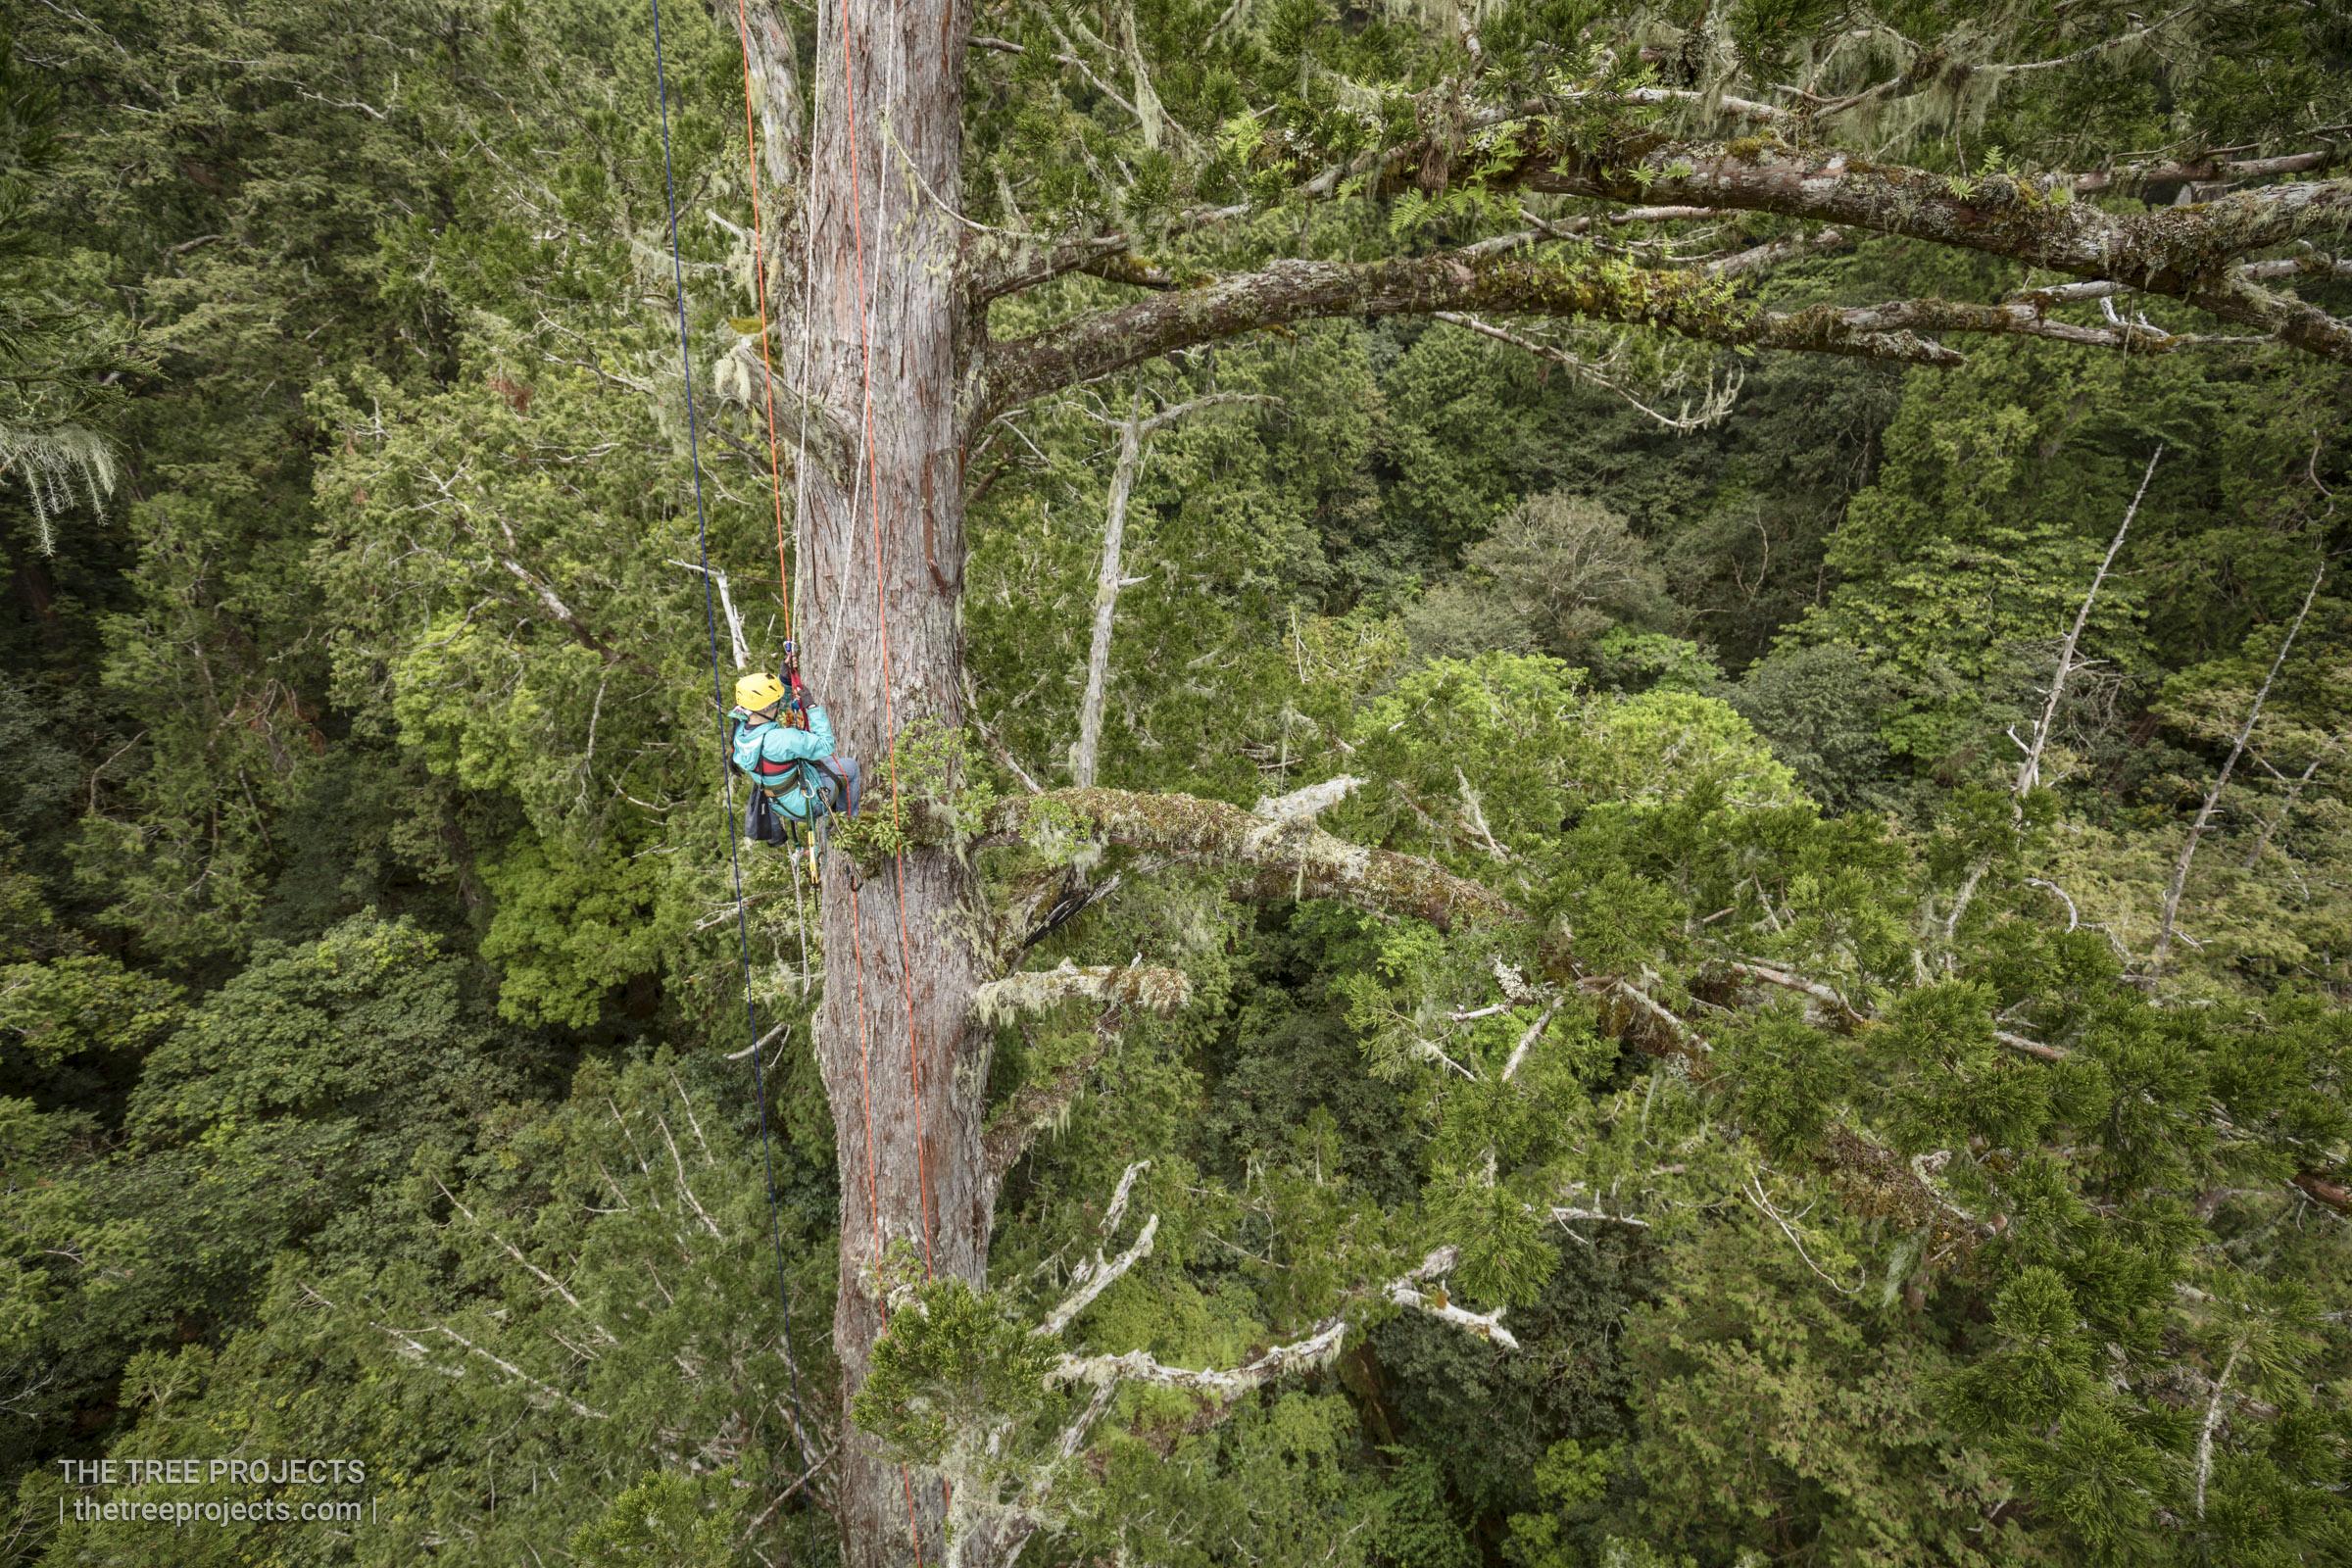 Taiwan-Tree-Project-201705052017-05-05-_5D41157.jpg